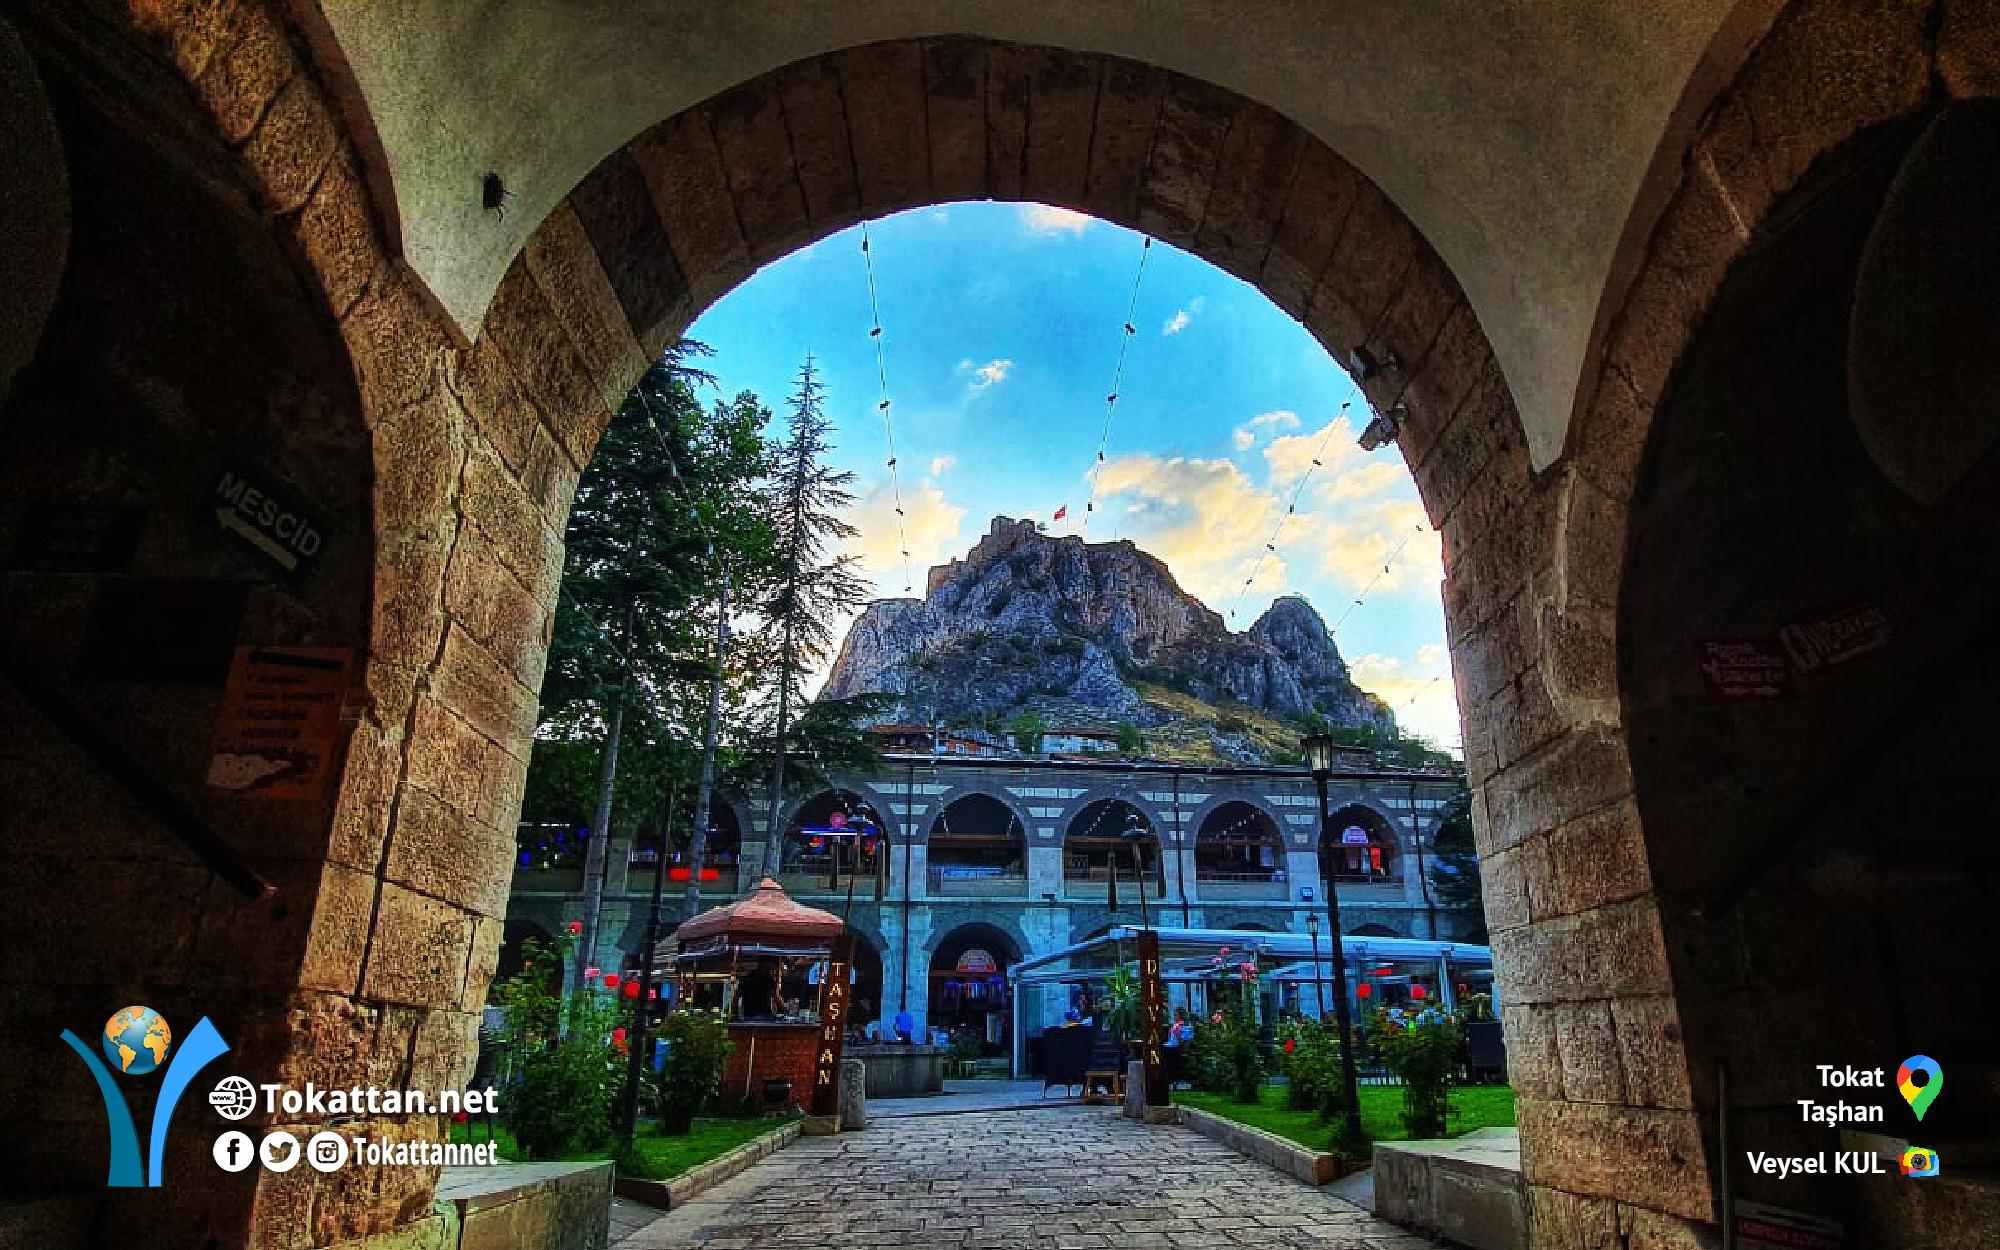 Tokattan.net   Tokat'ın 900 Yıllık Tarihi Yeniden Canlanıyor